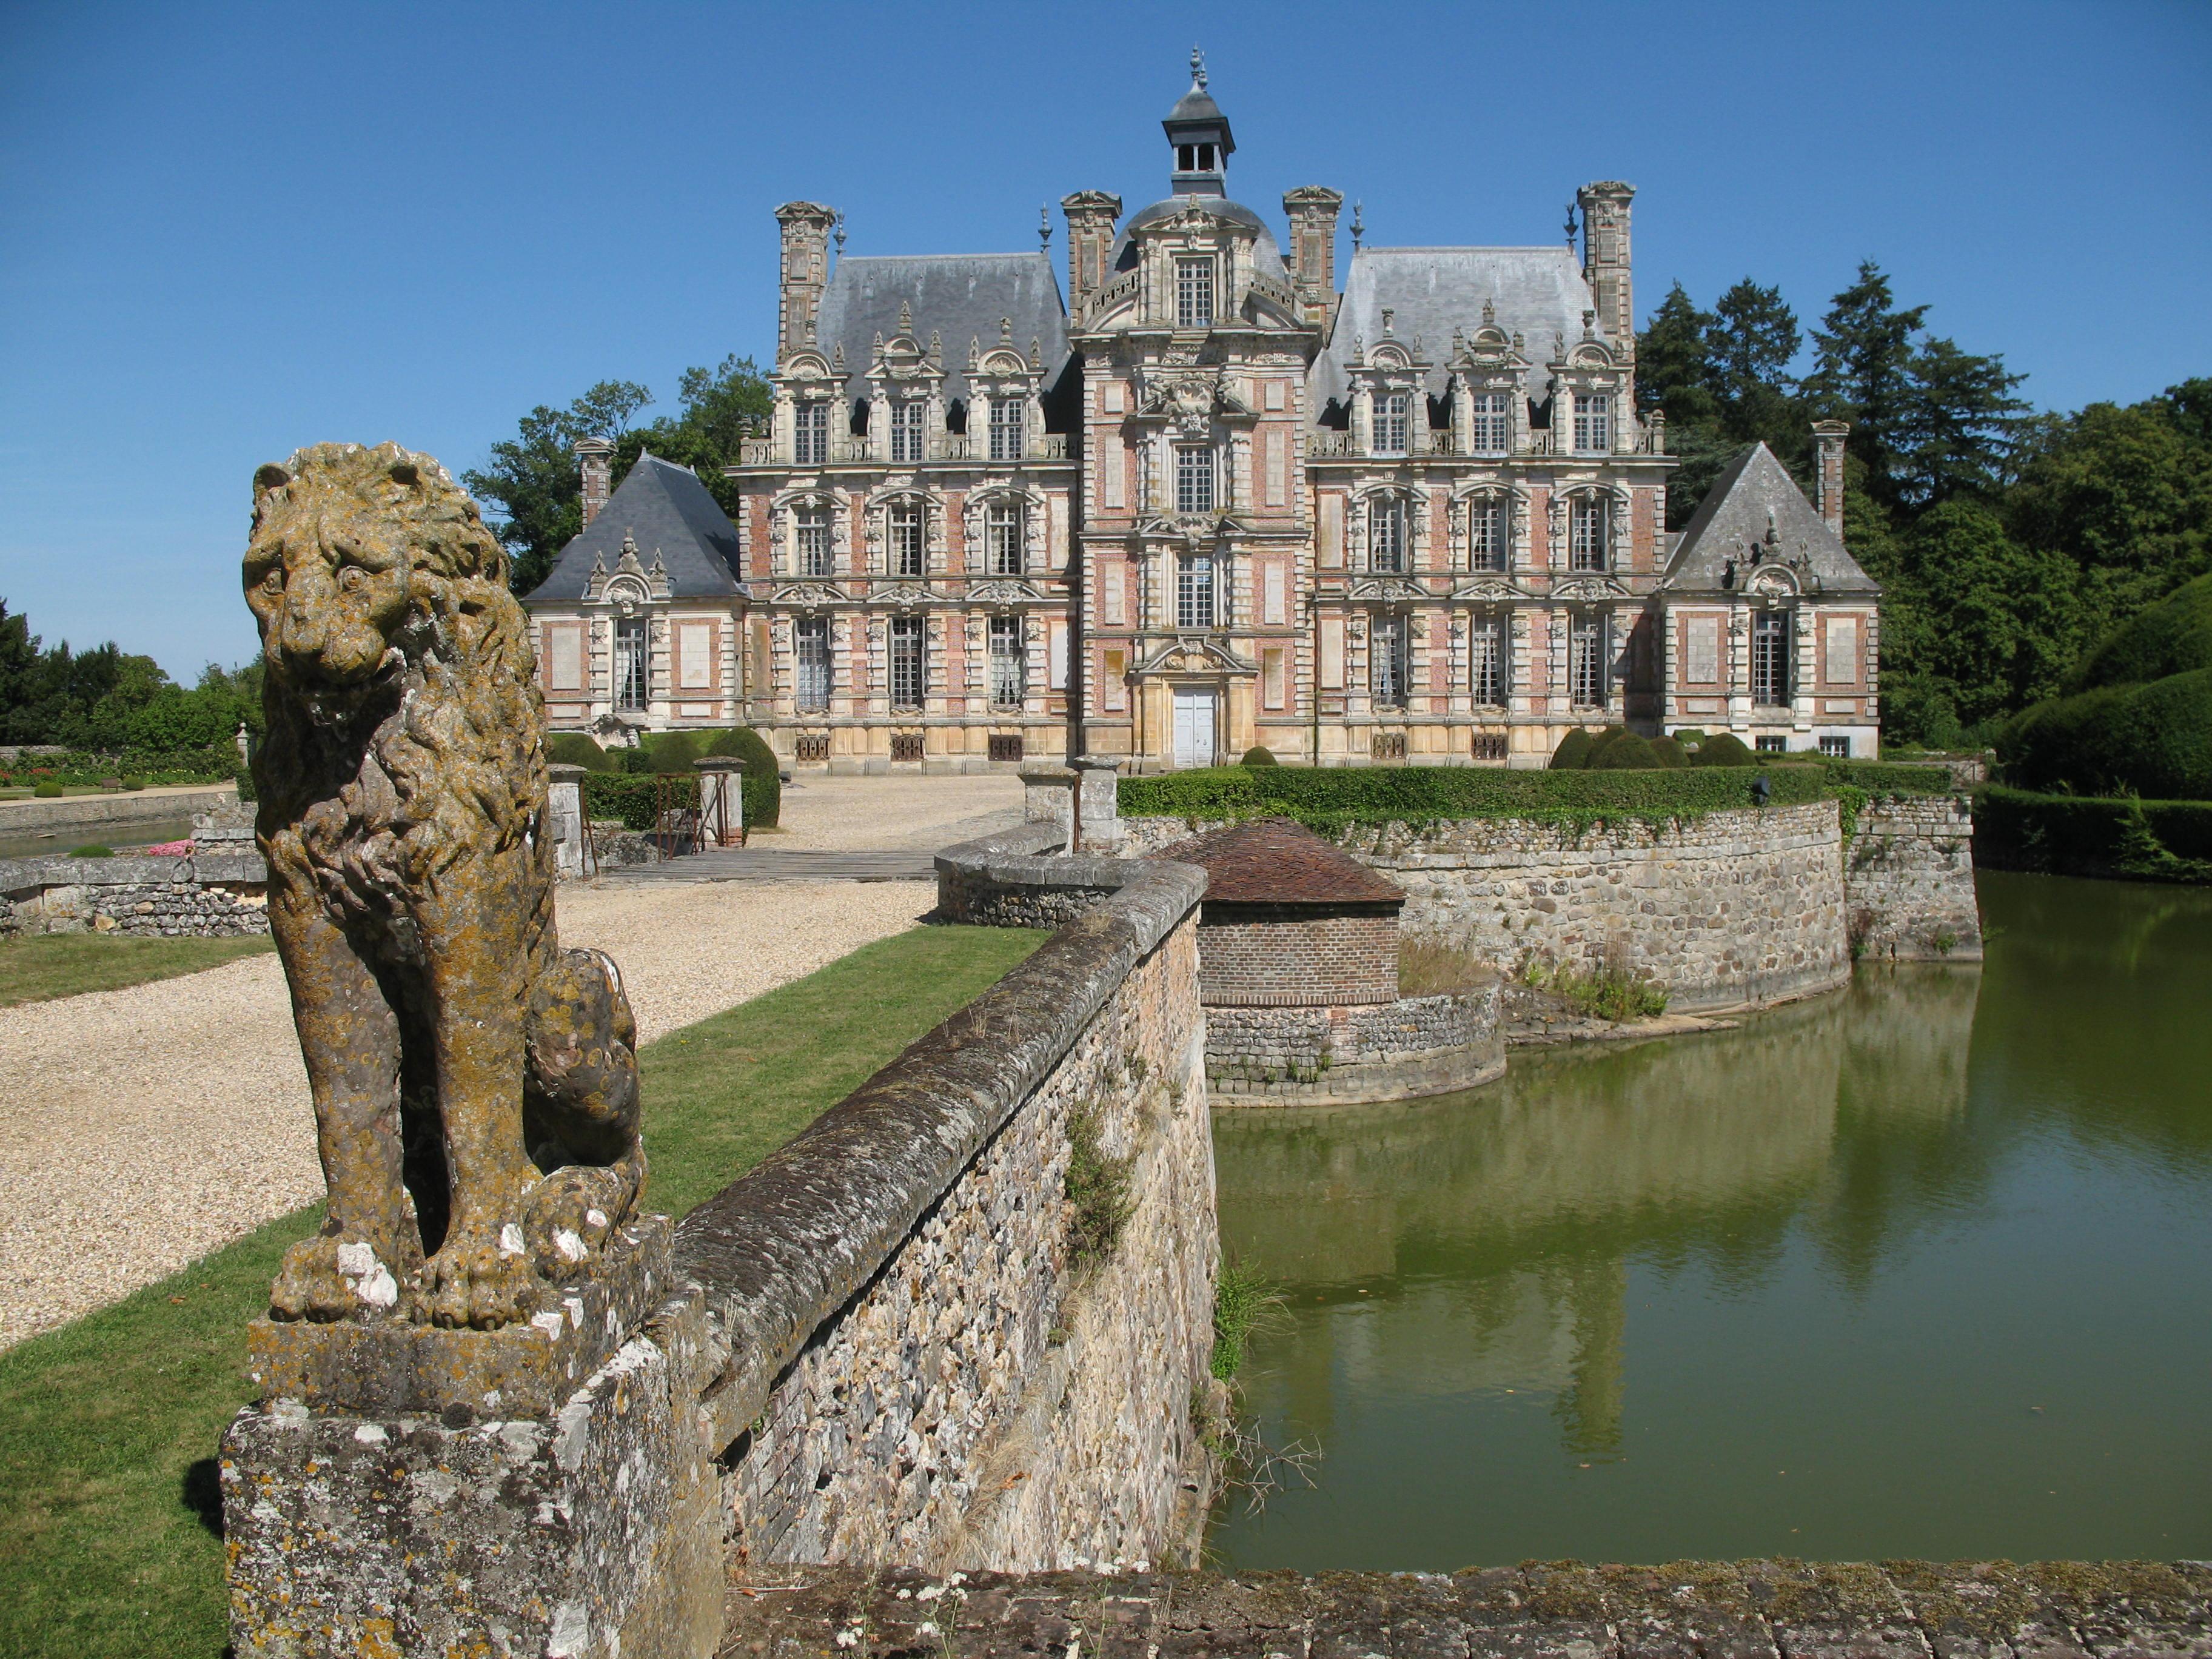 Eingang zum Schloss Beaumesnil, Foto von PHILDIC, Lizenz:public domain/gemeinfrei